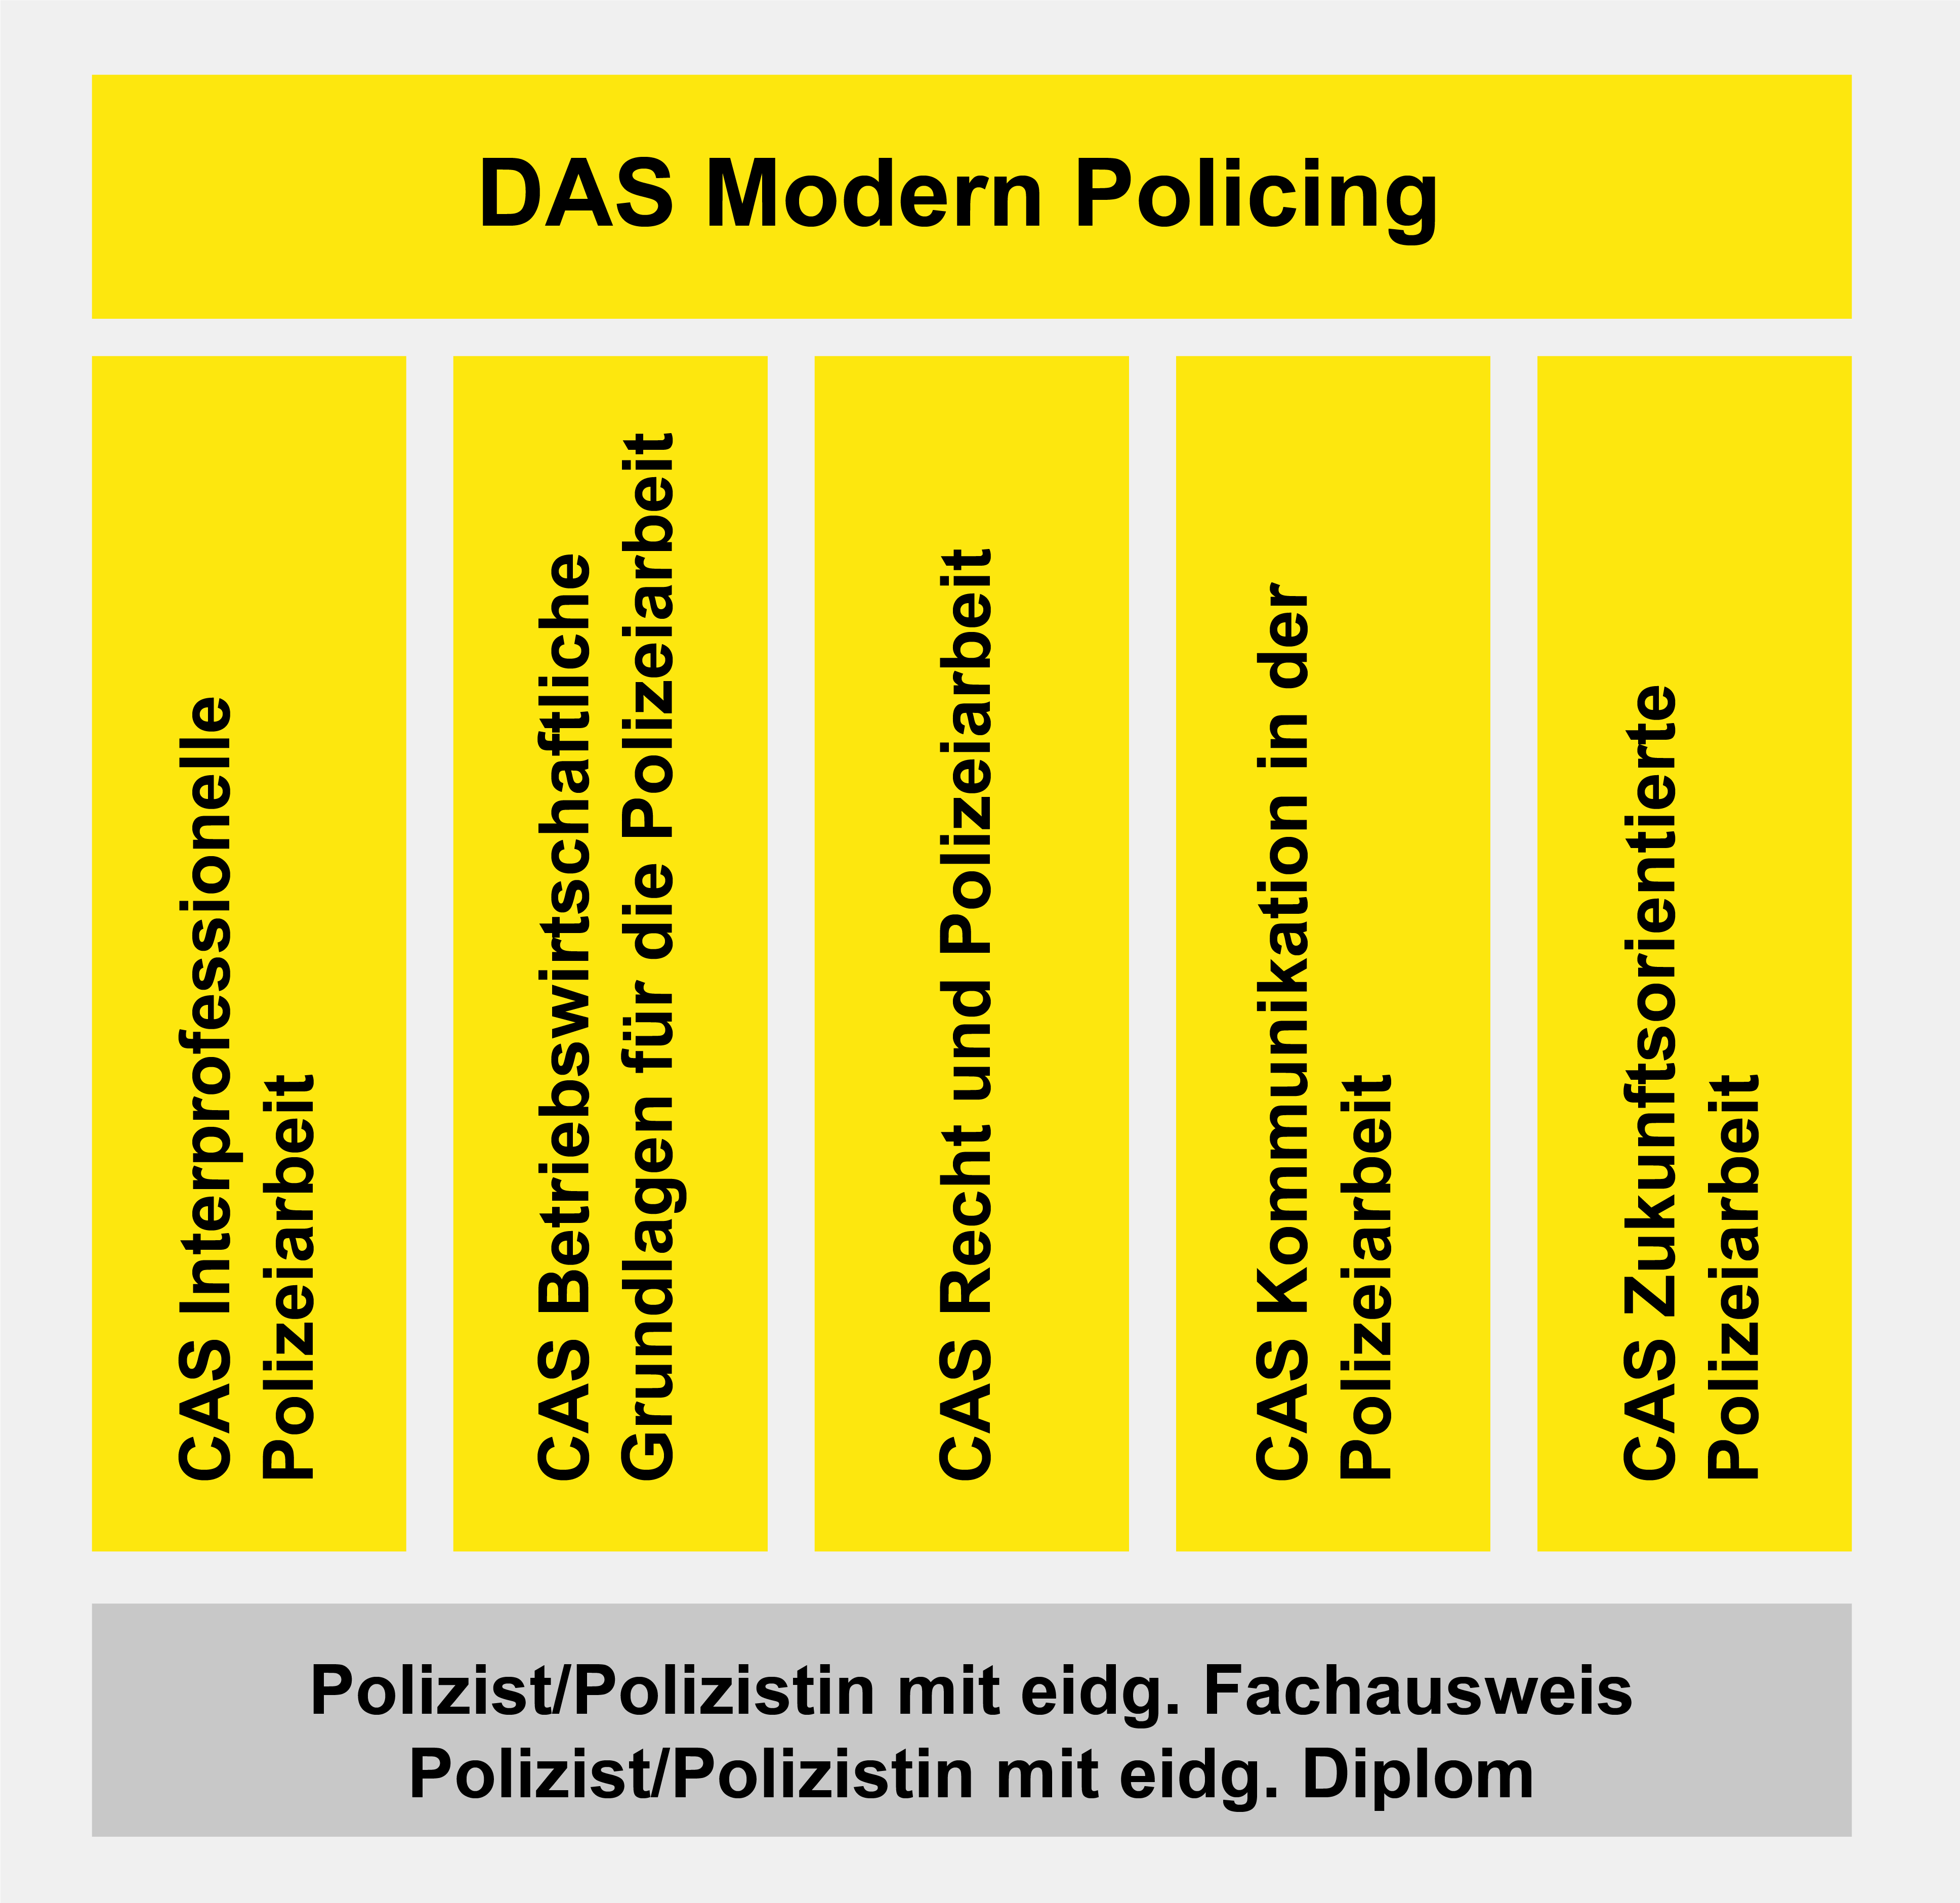 DAS Modern Policing